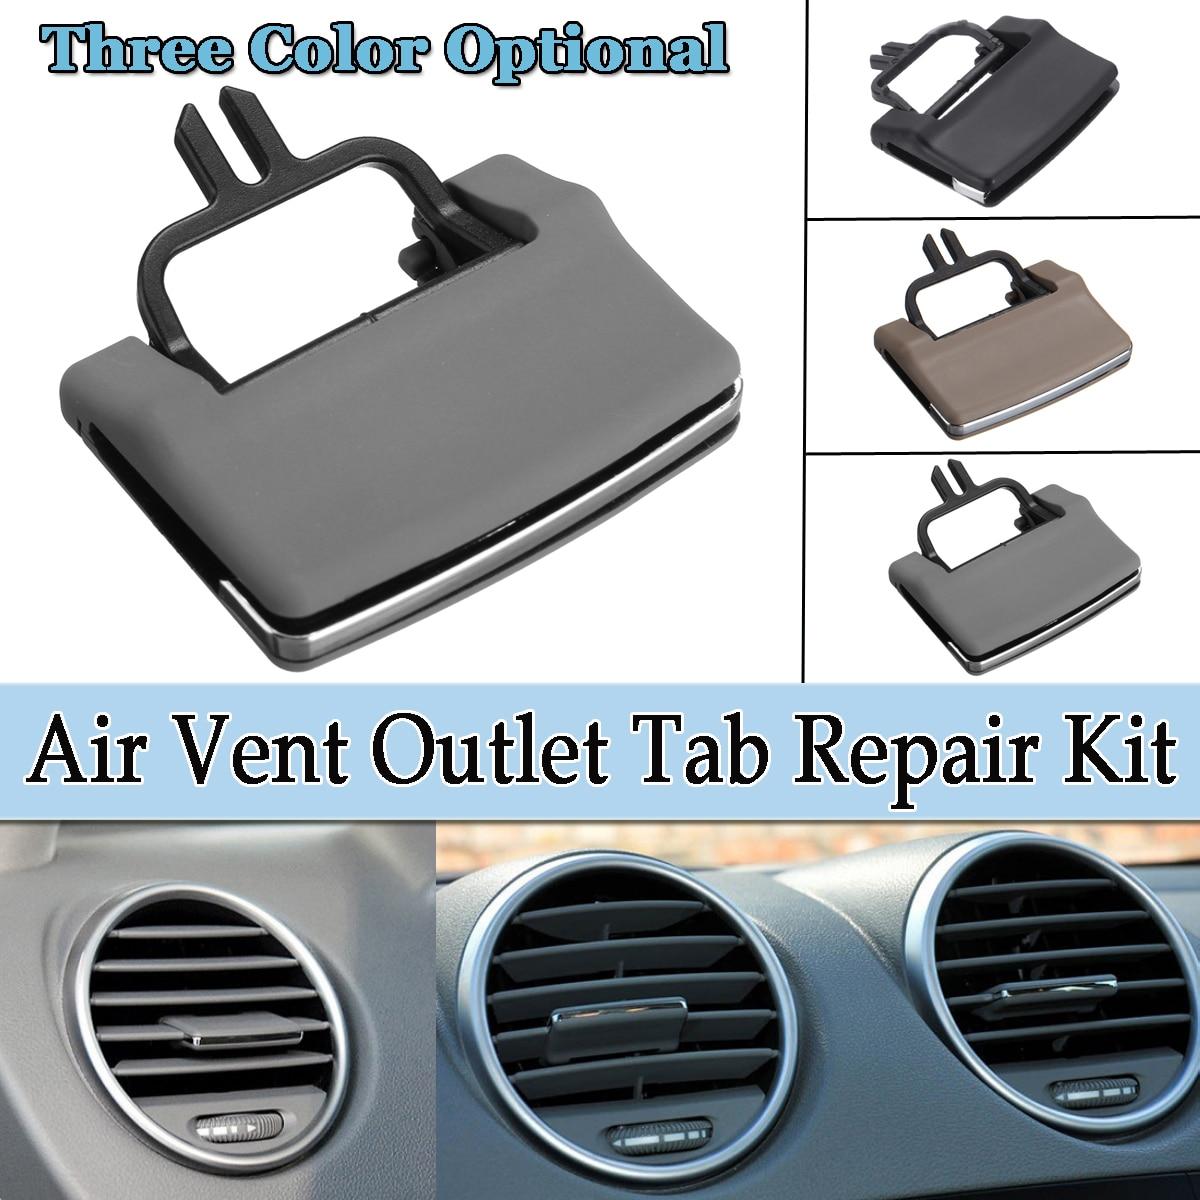 1pc A/C Aria Condizionata Vent Uscita Tab Kit di Riparazione Per Mercedes Per Il Benz W164 X164 ML GL di plastica Beige/Grigio/Nero Paddle Clip di